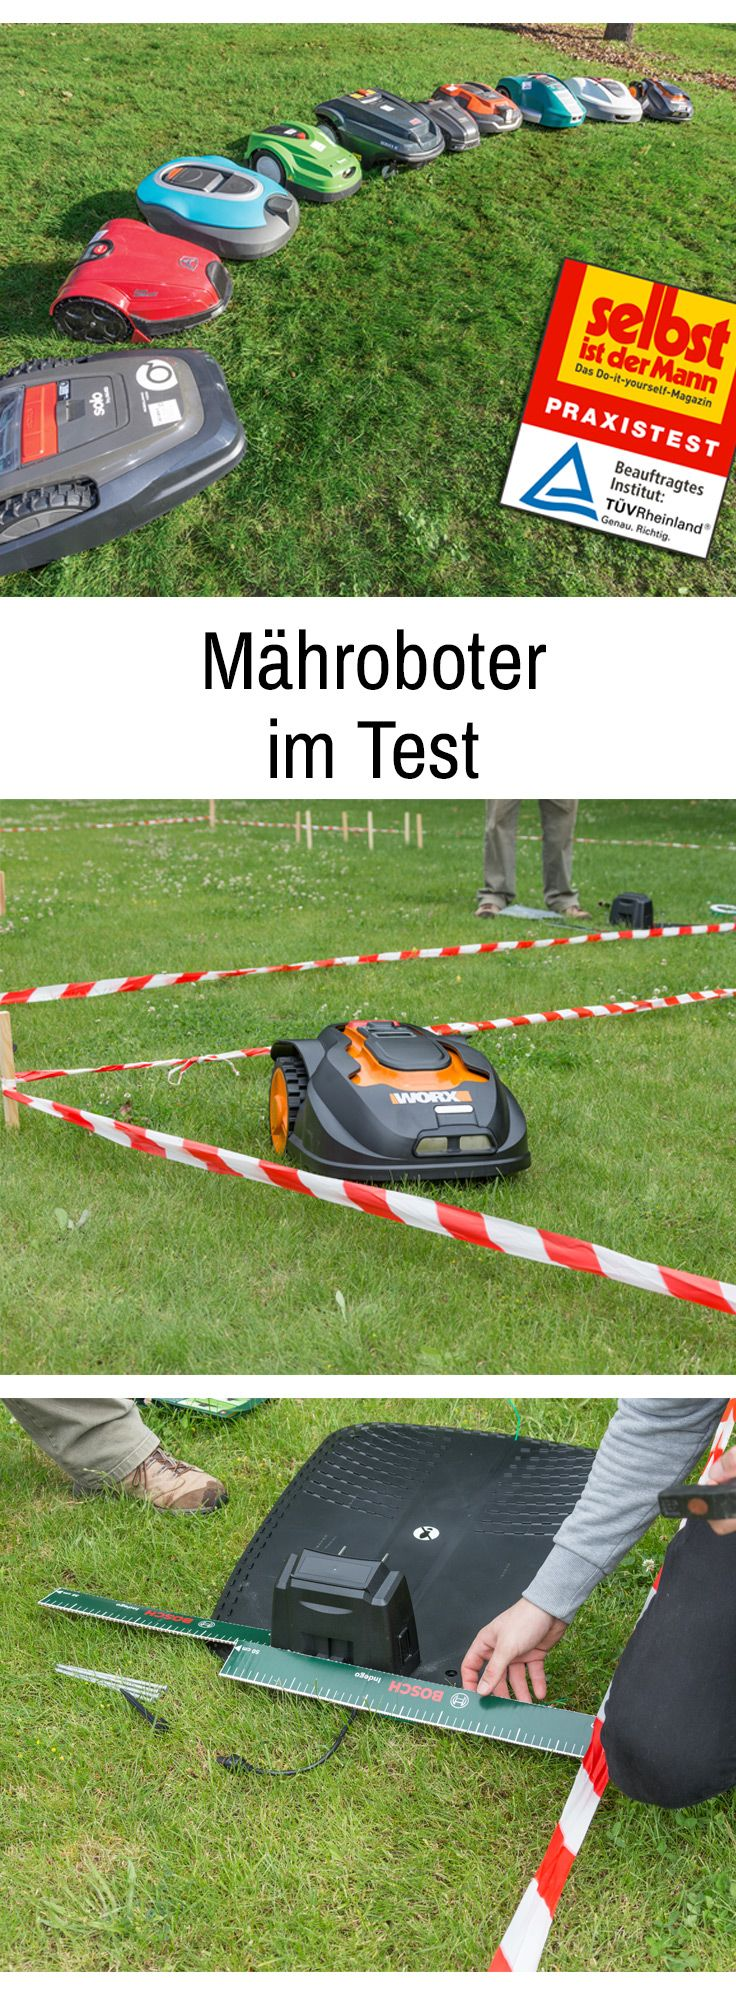 In unserem Werkzeugtest haben wir zehn Roboterrasenmäher gegeneinander antreten lassen. Wie die Mähroboter im Praxistest abgeschnitten haben, lesen Sie hier.